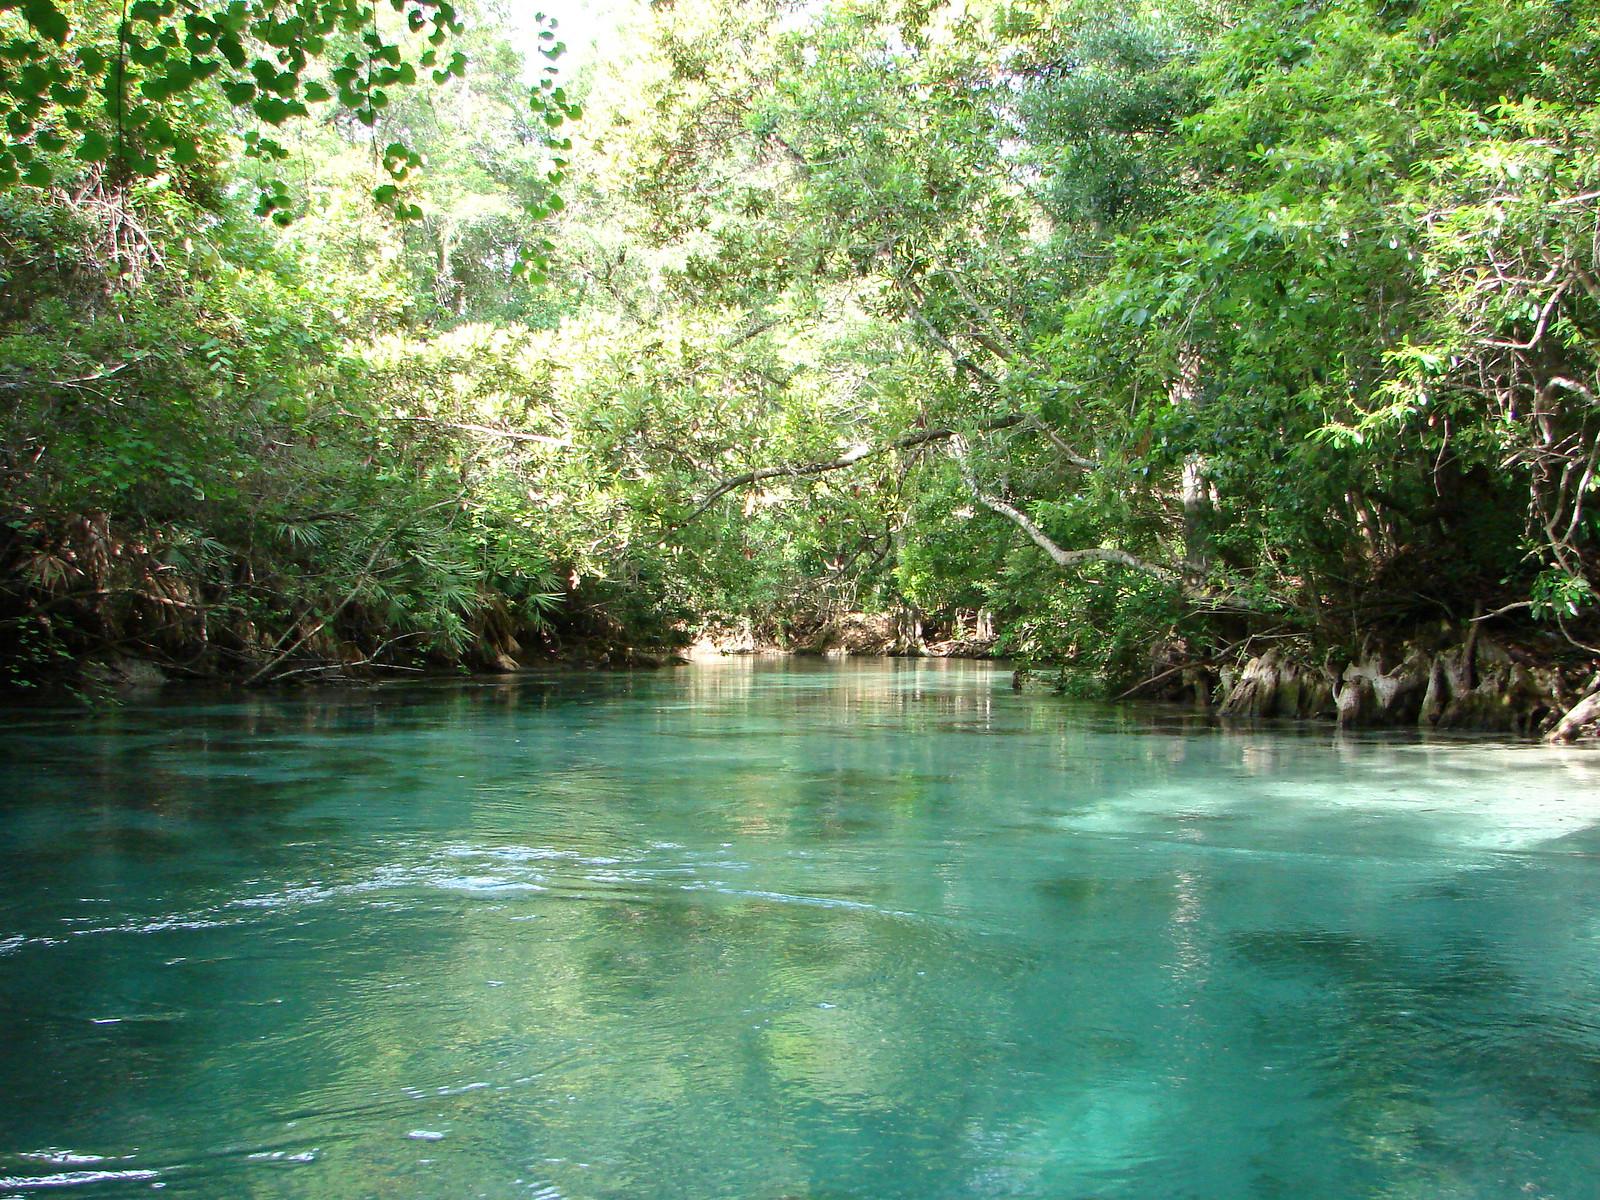 Weeki Wachee Springs Kayak Trip